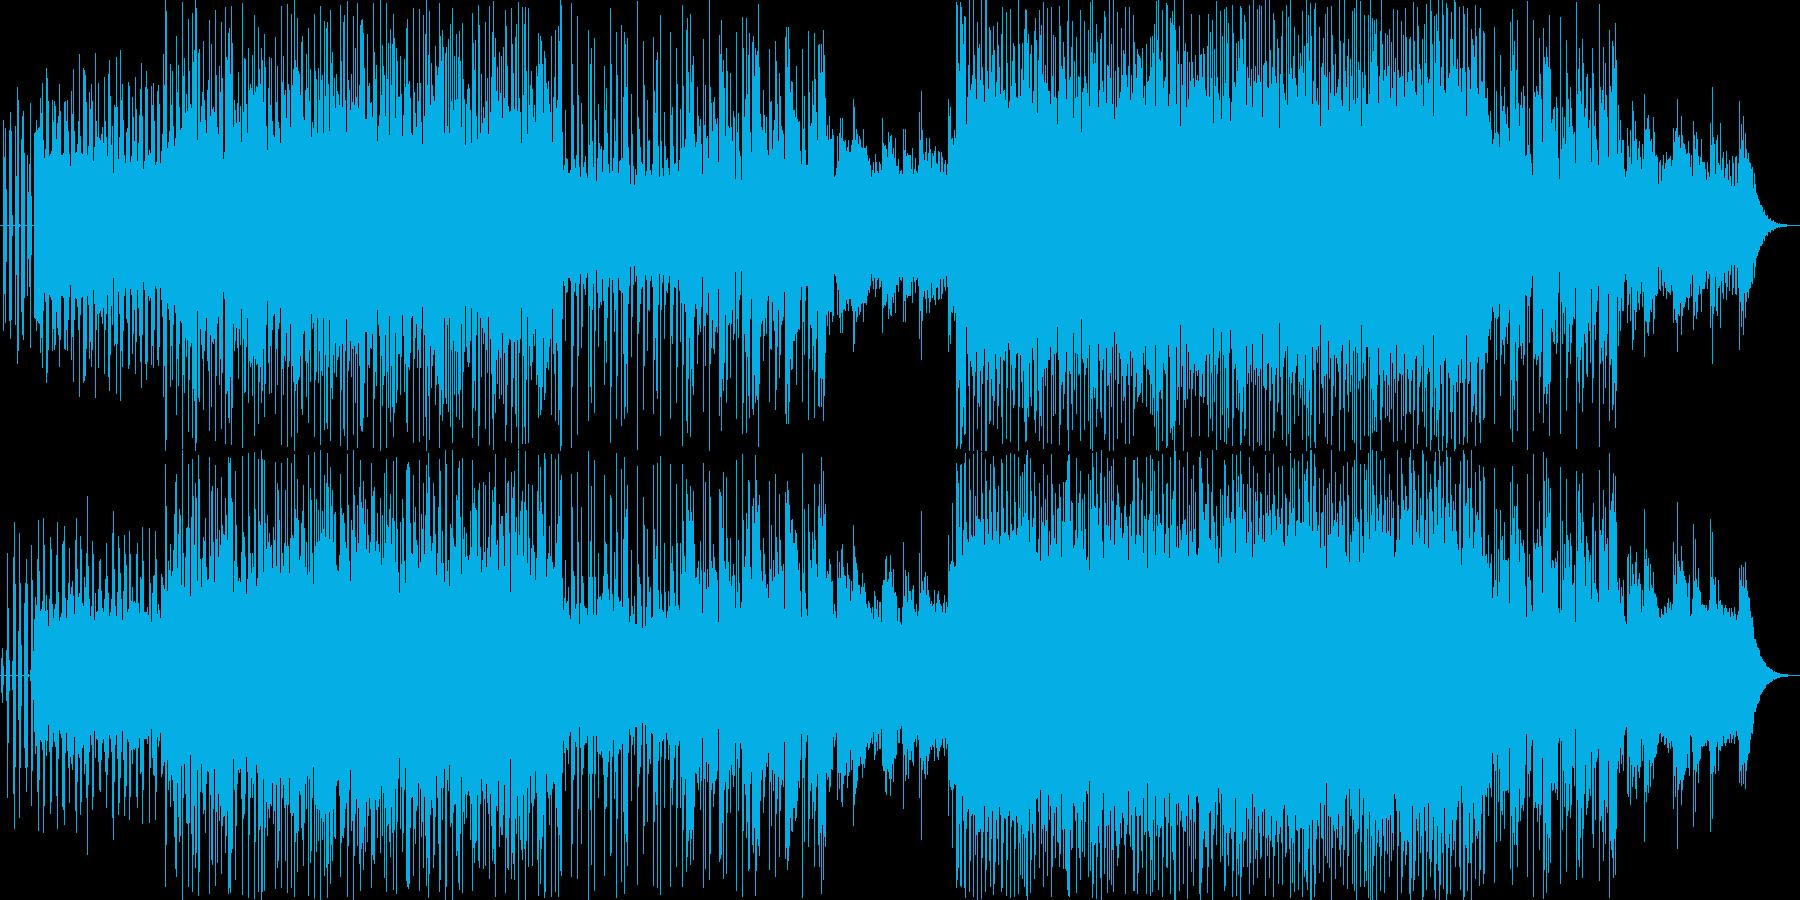 ピアノが冷たい印象で疾走感のあるBGMの再生済みの波形